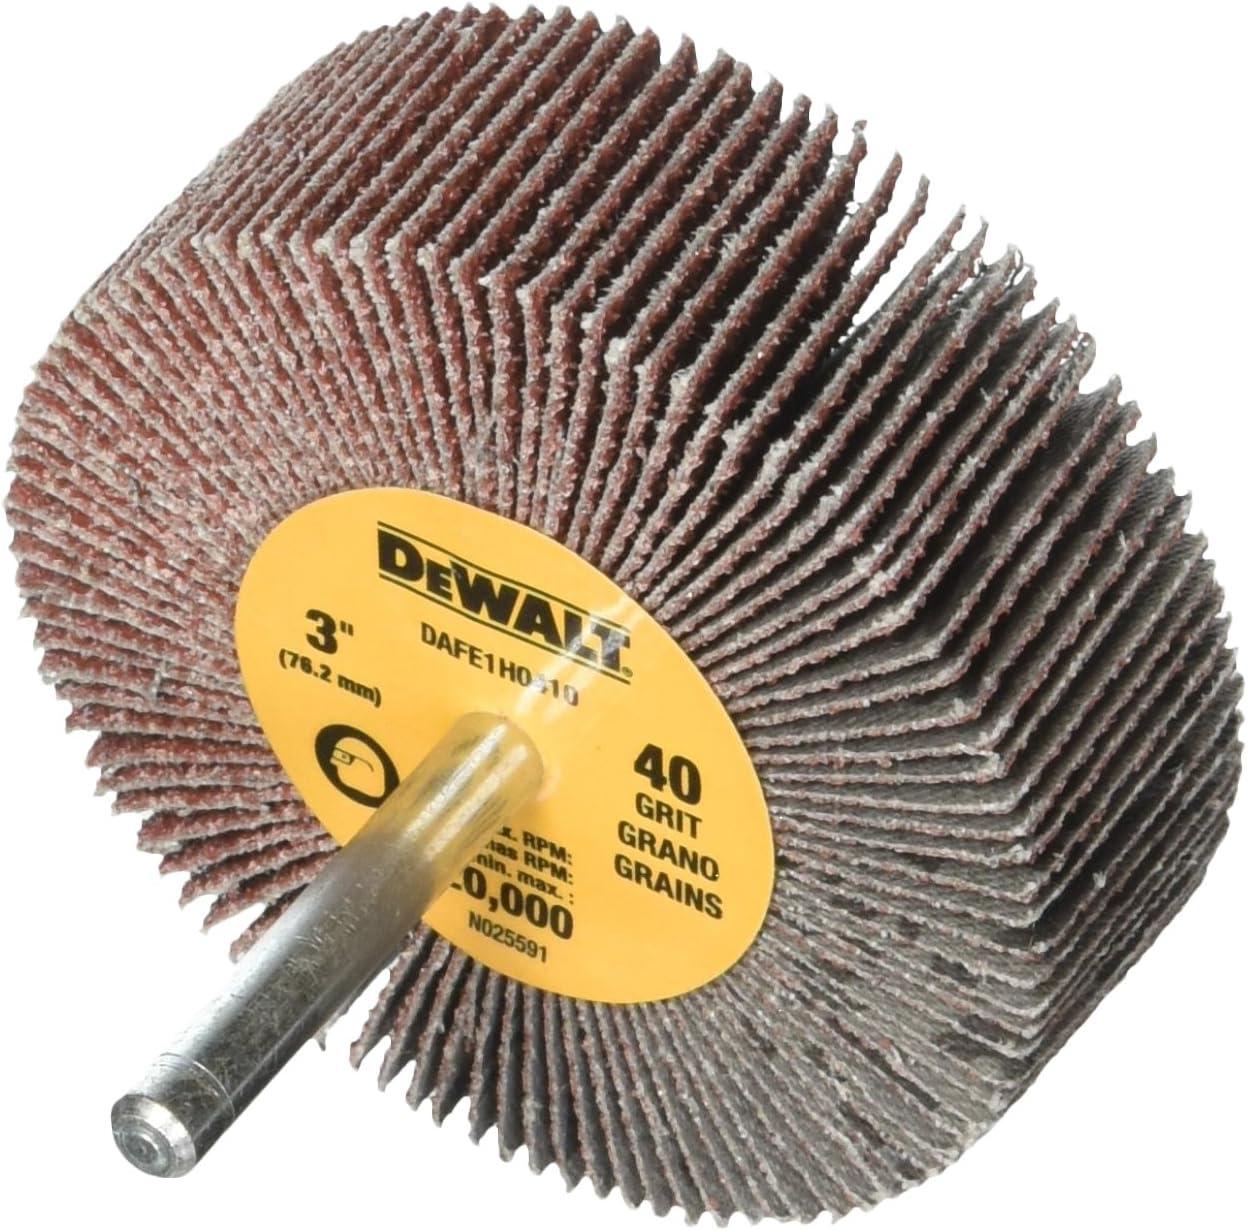 Dewalt DAFE1H0810 Flap wheel 3 inch x 1//4 80 grit lot of 10